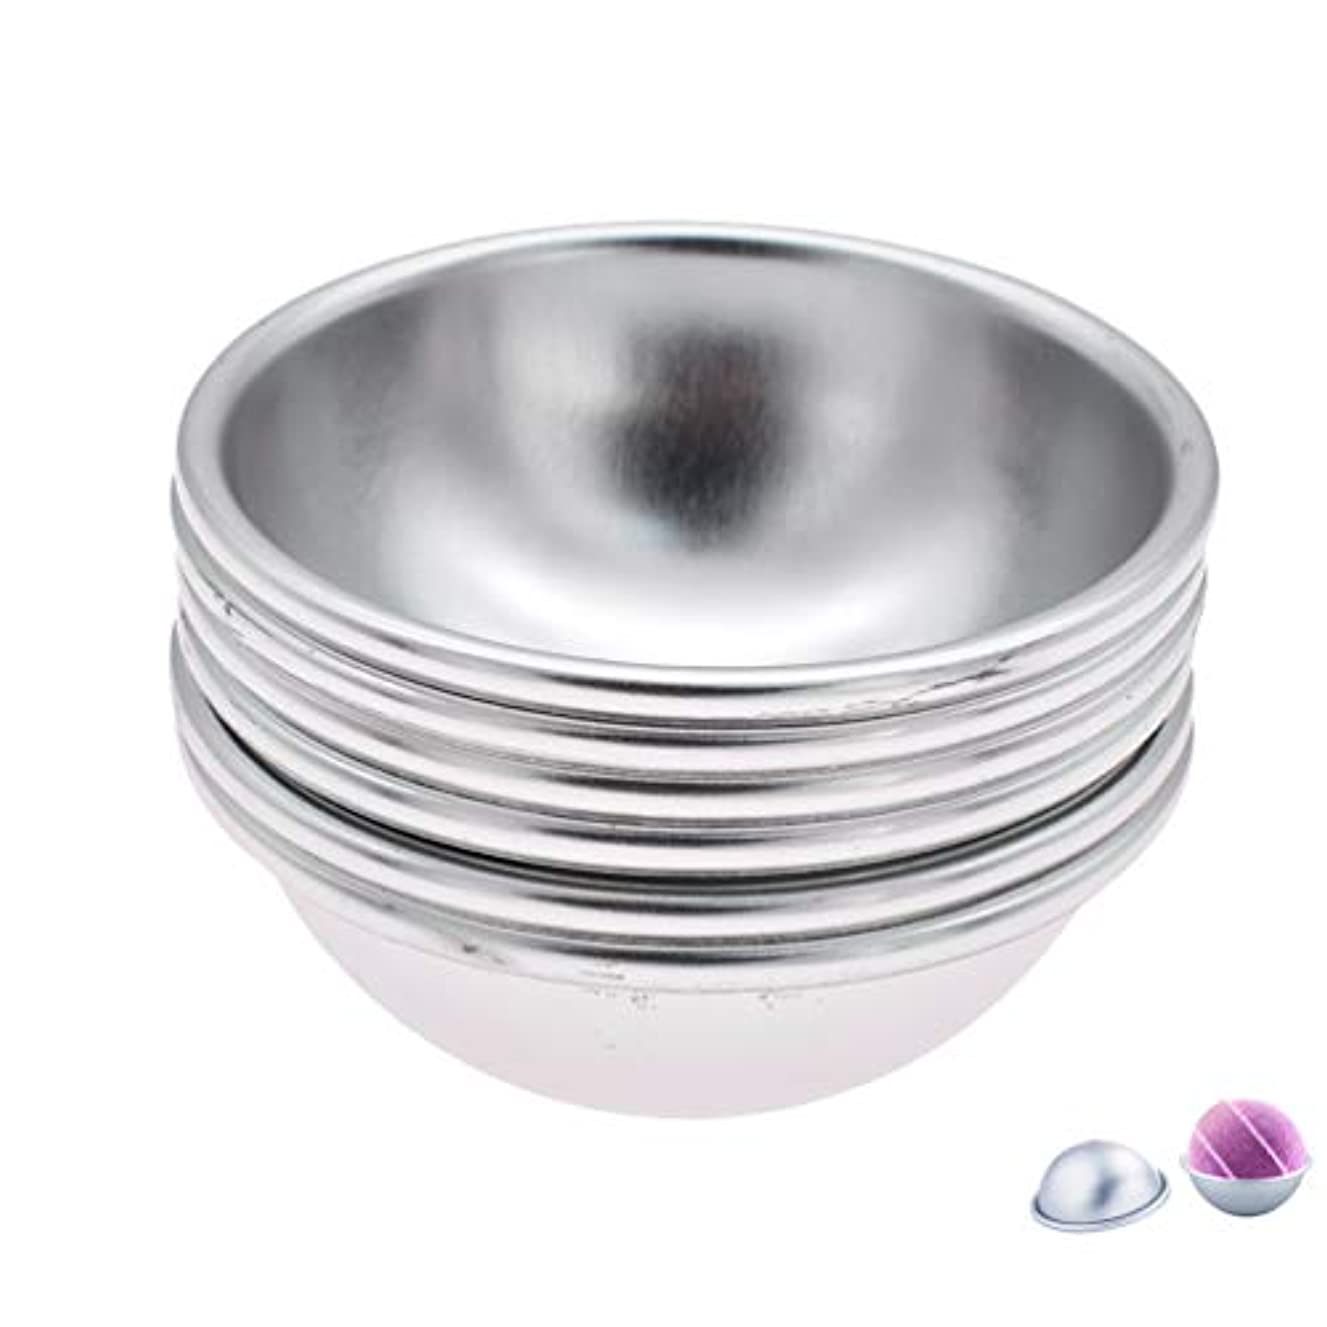 (ライチ) Lychee 6個セット バスボム型 石鹸製造ツールセット 円形金型 DIYソープ ハンドメイド 食品にも使用可 ケーキ型 お菓子型